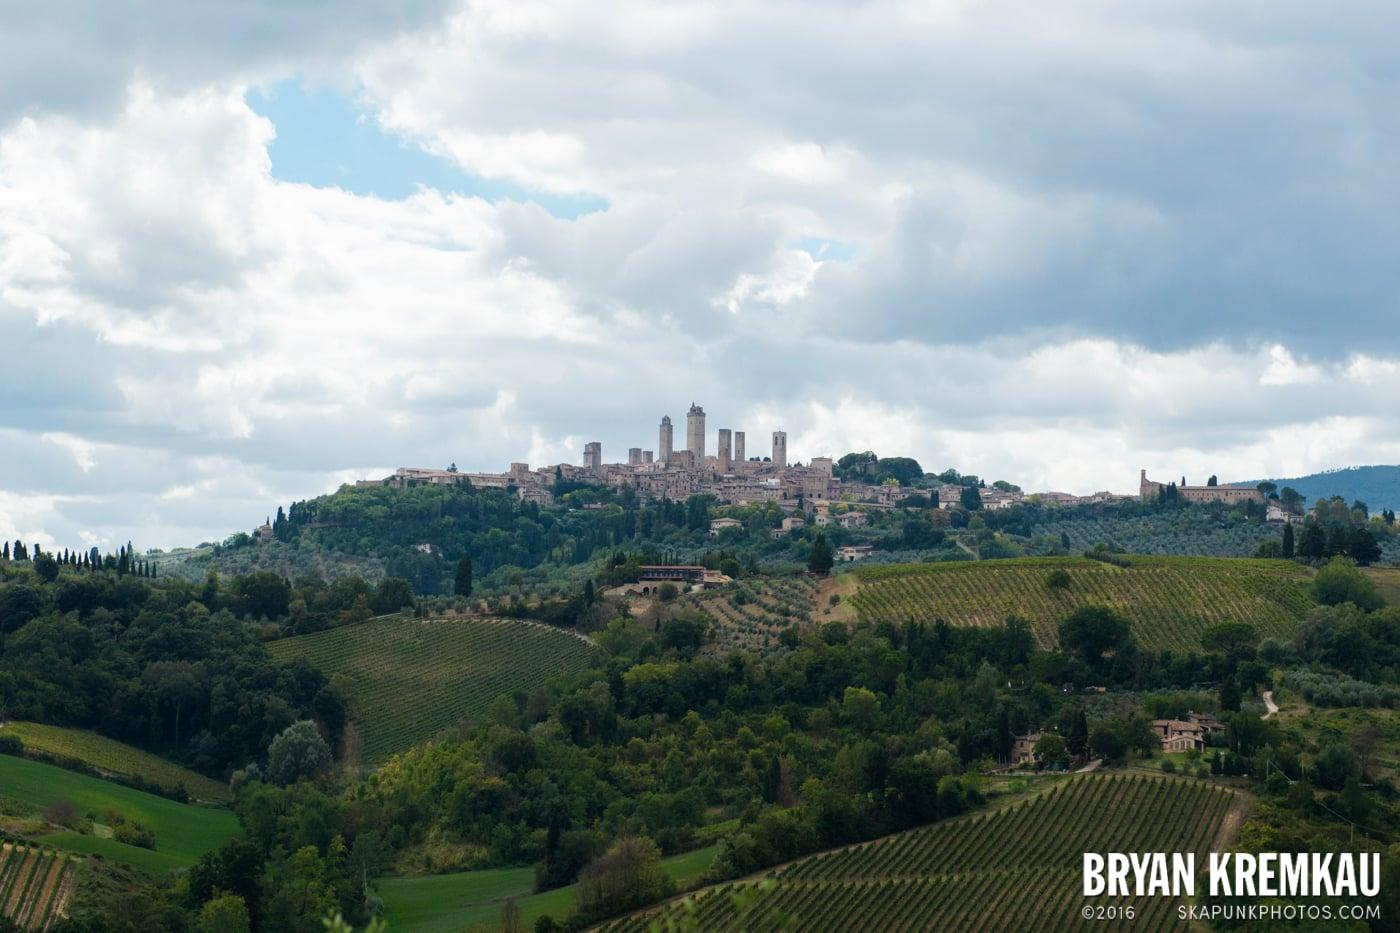 Italy Vacation - Day 8: Siena, San Gimignano, Chianti, Pisa - 9.16.13 (83)